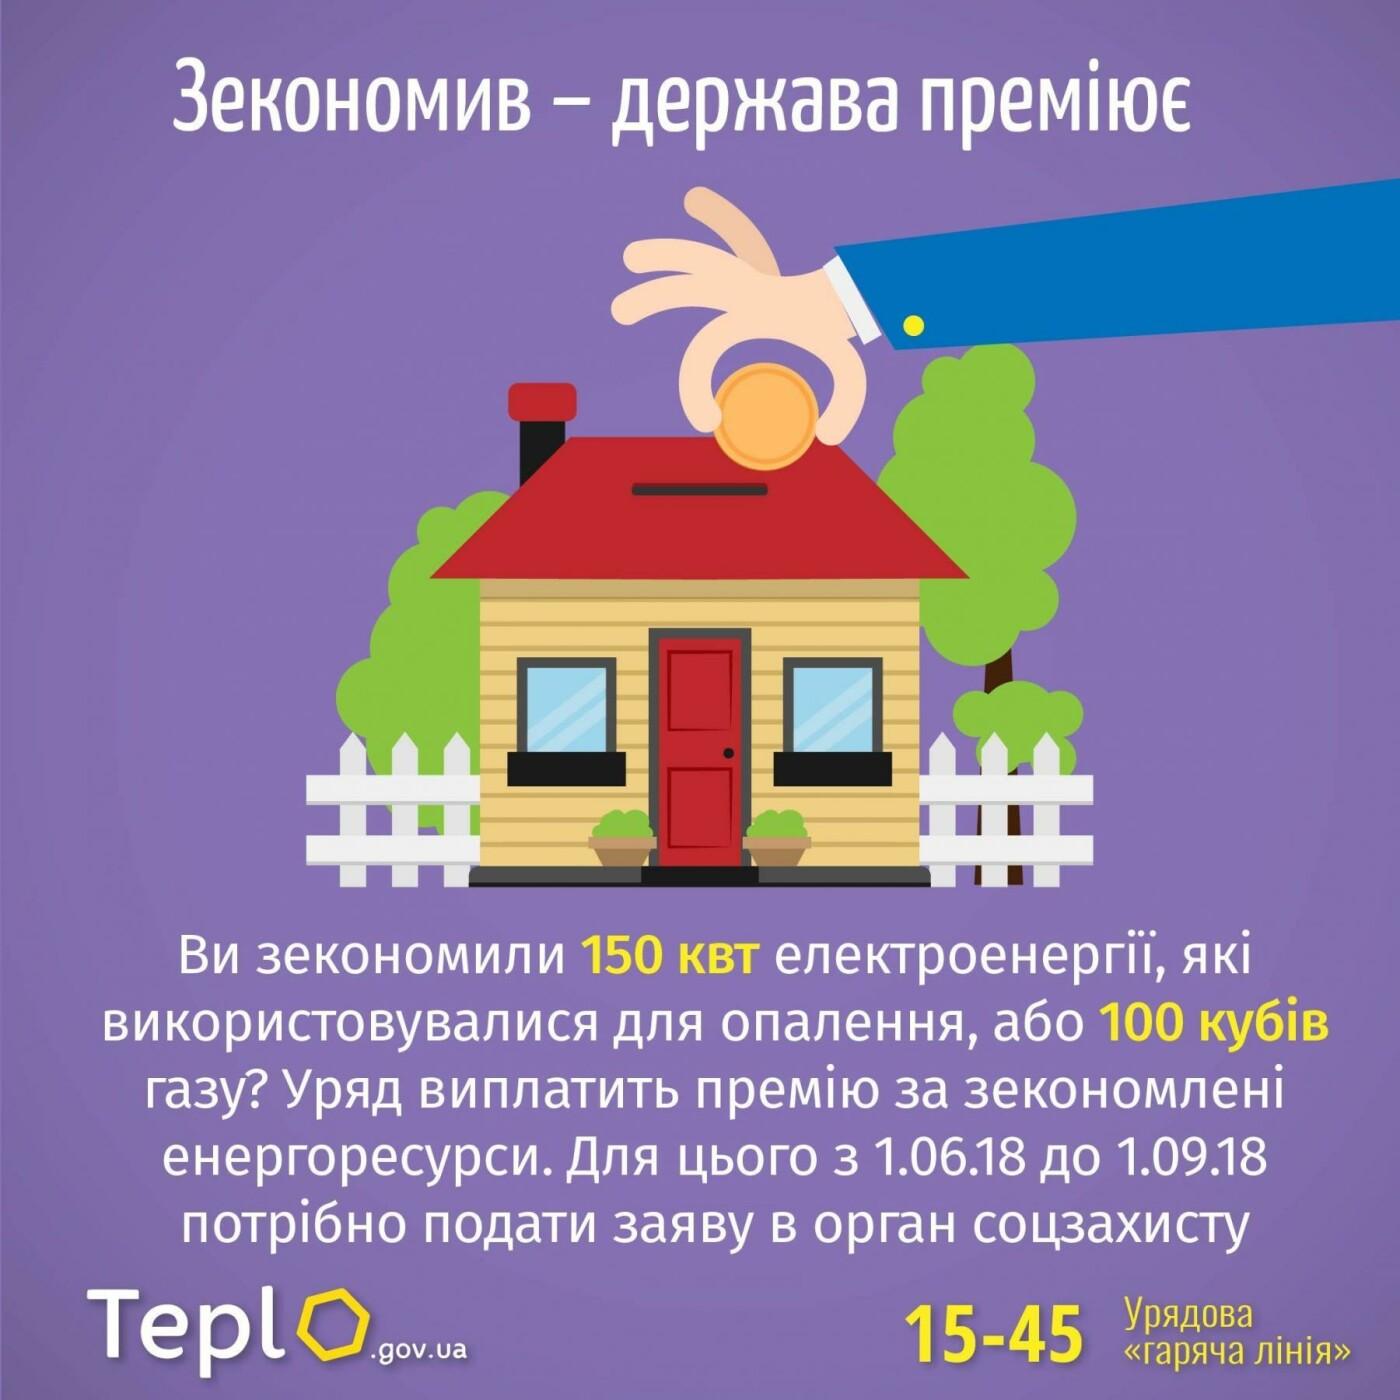 Монетизація субсидій: як економним білоцерківцям отримати грошову компенсацію, фото-1